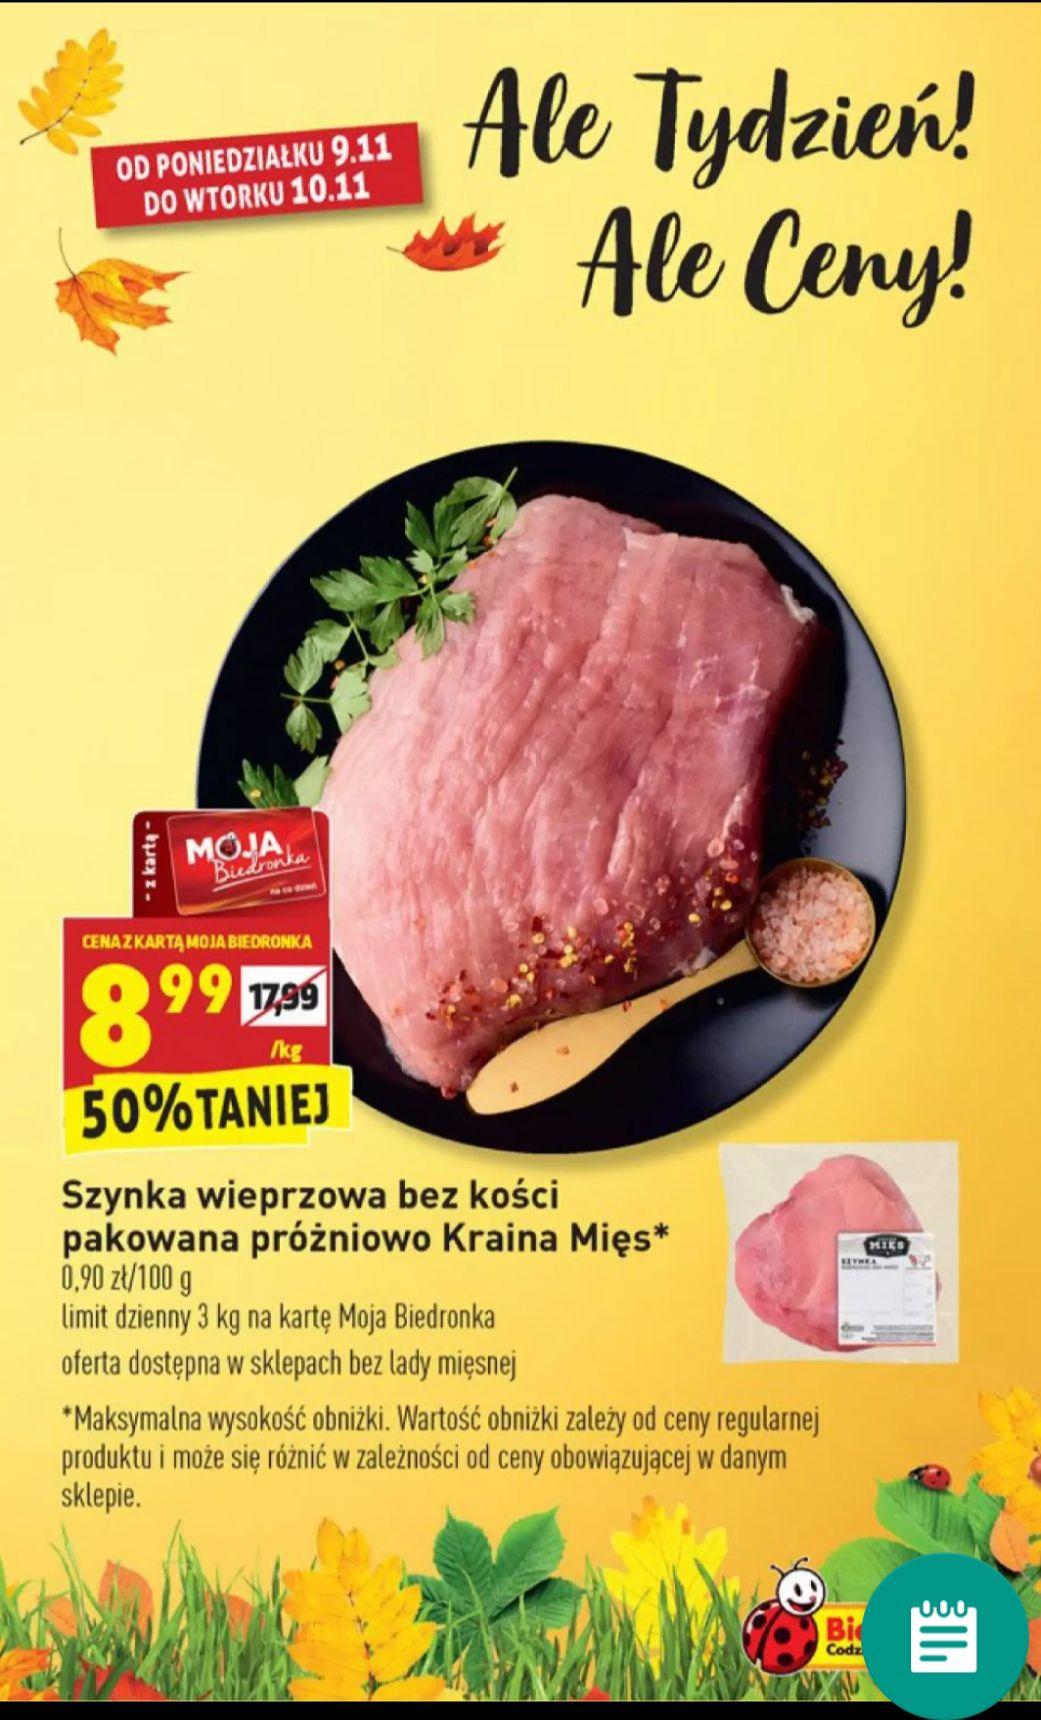 Szynka wieprzowa 8.99 zl/kg BIEDRONKA